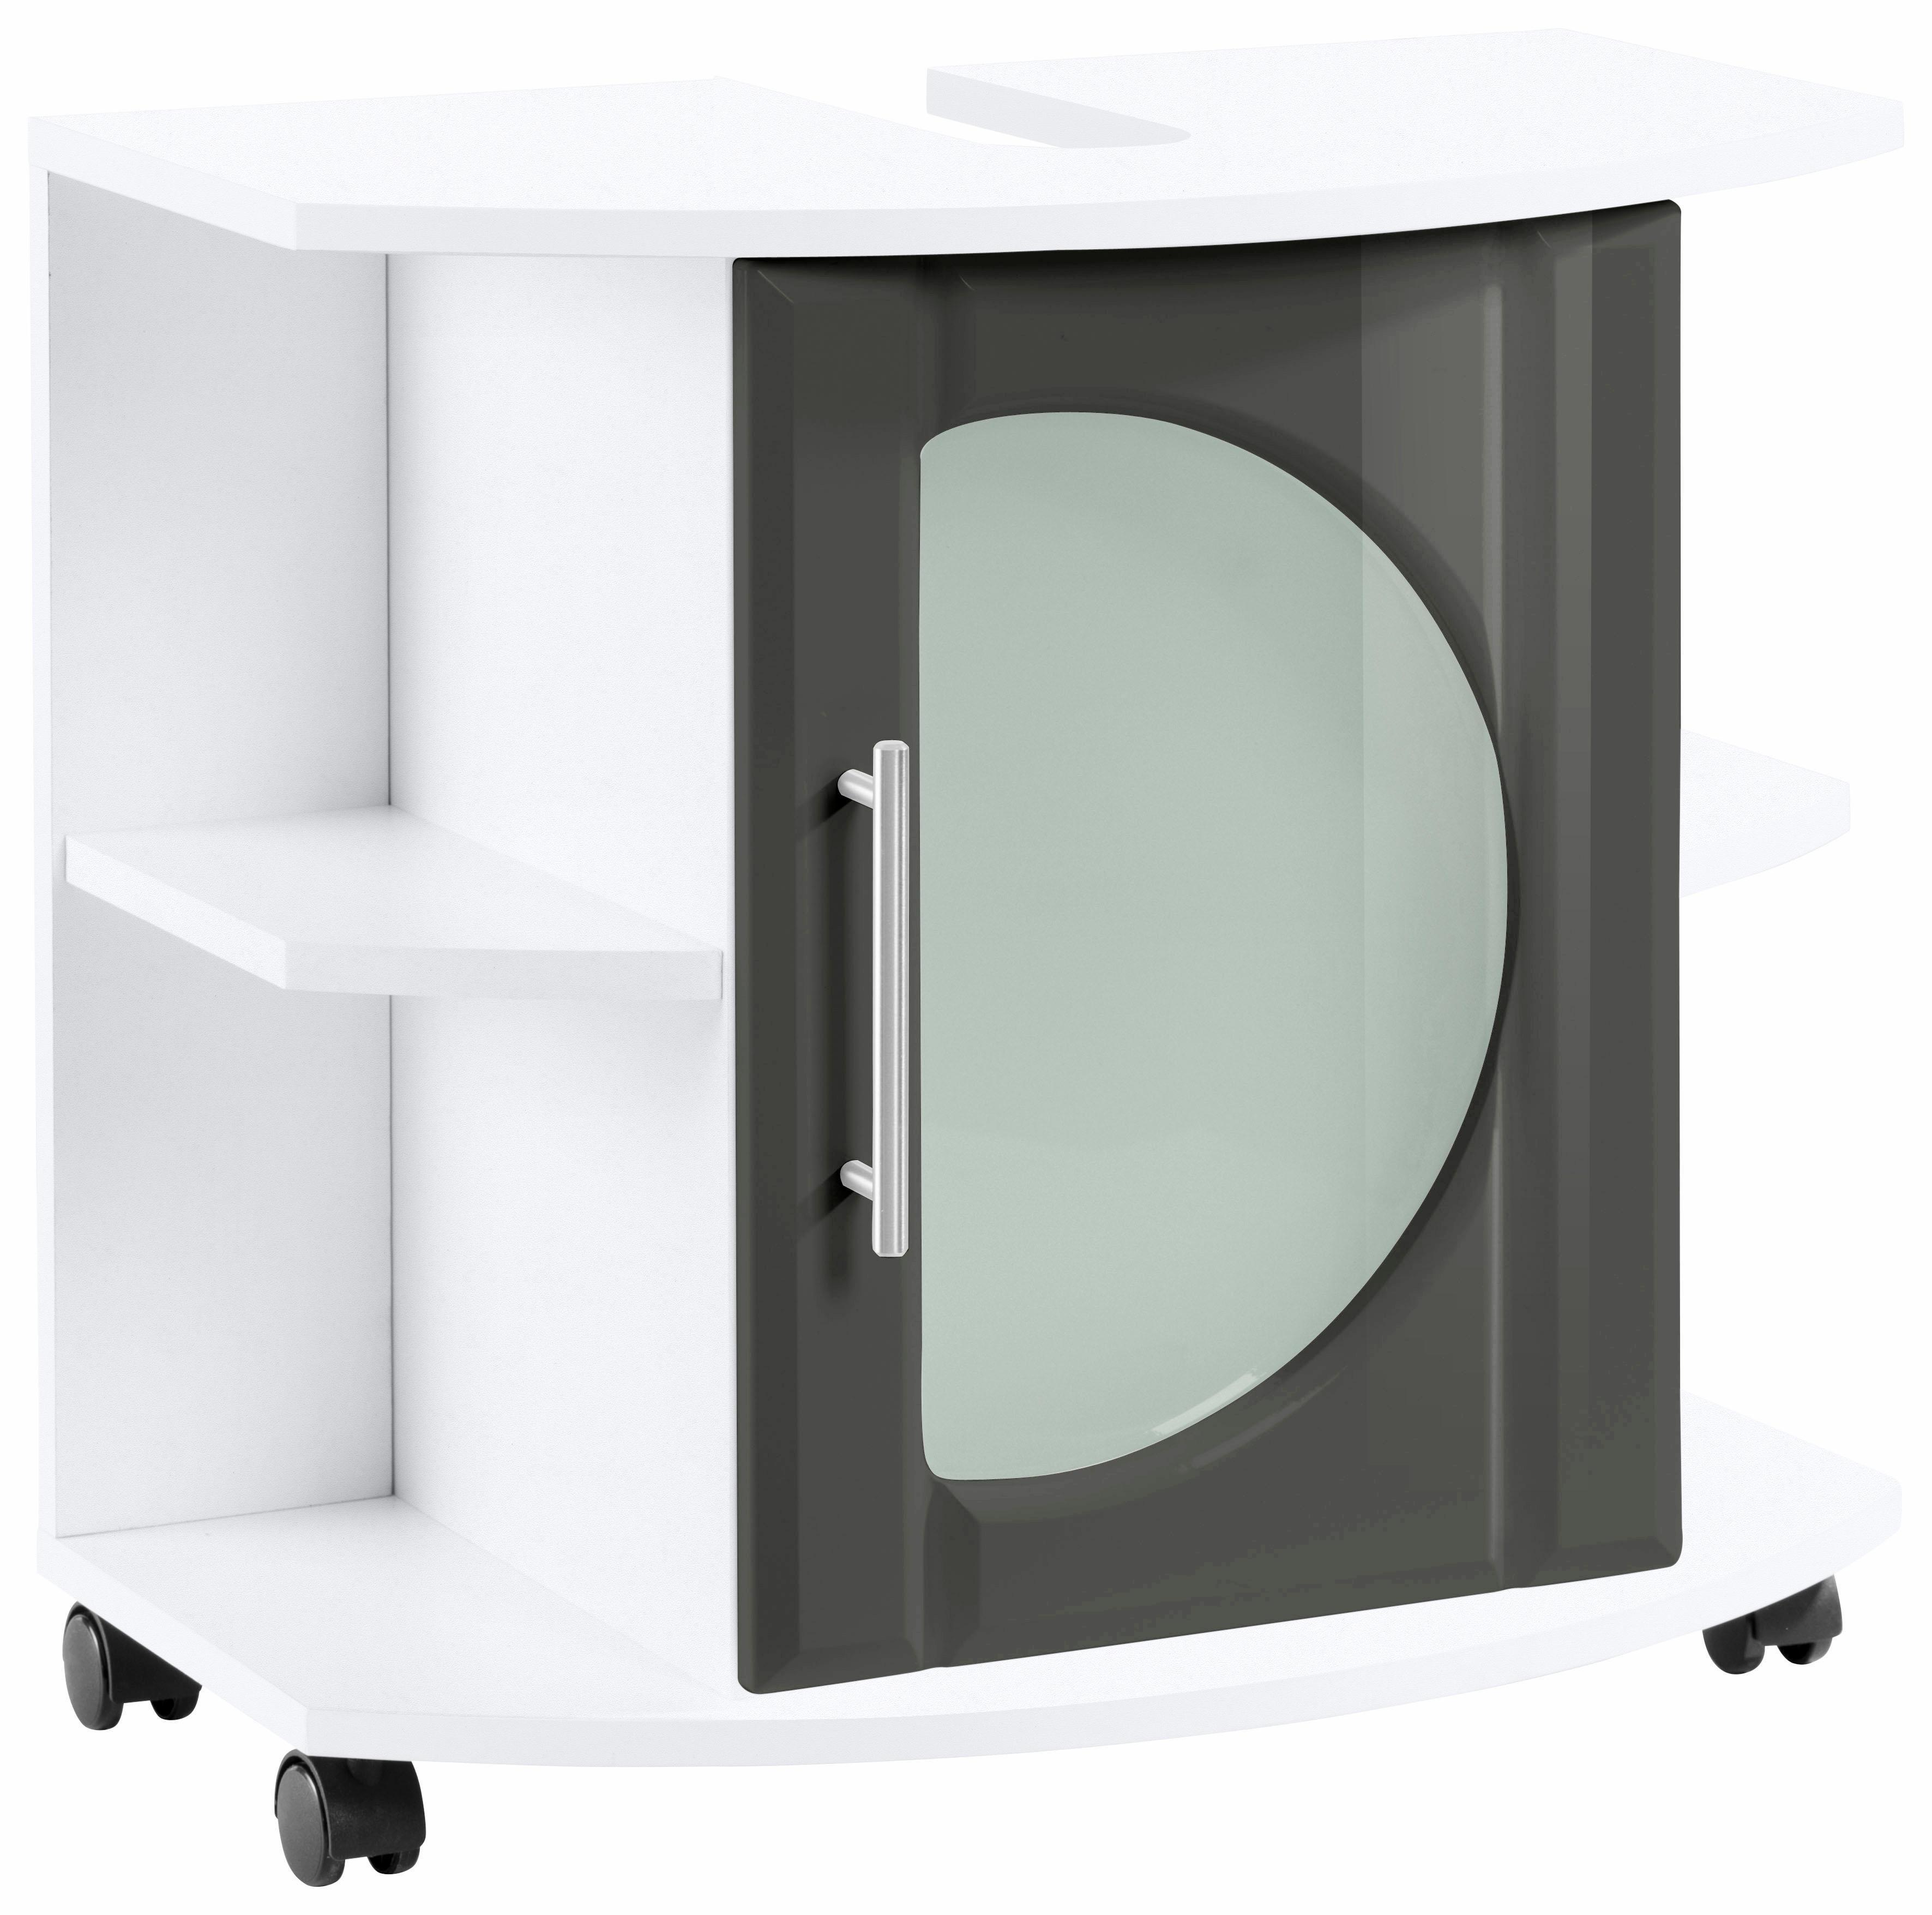 kwc luna preisvergleich die besten angebote online kaufen. Black Bedroom Furniture Sets. Home Design Ideas